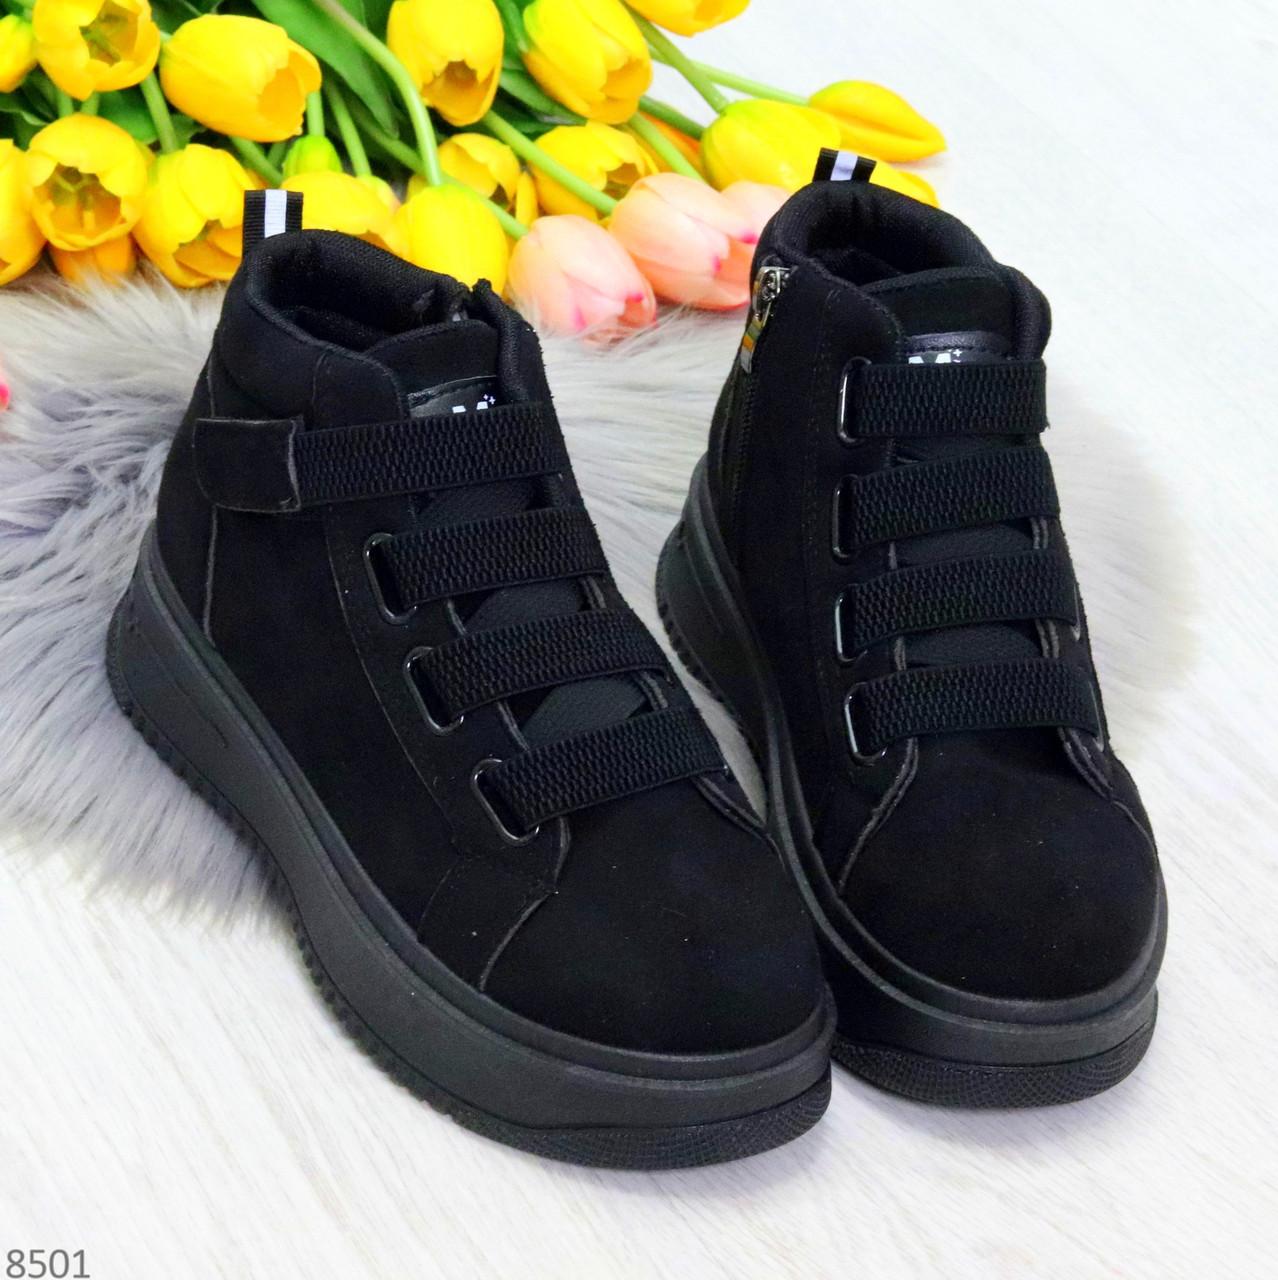 Удобные молодежные замшевые женские черные кроссовки на шнуровке